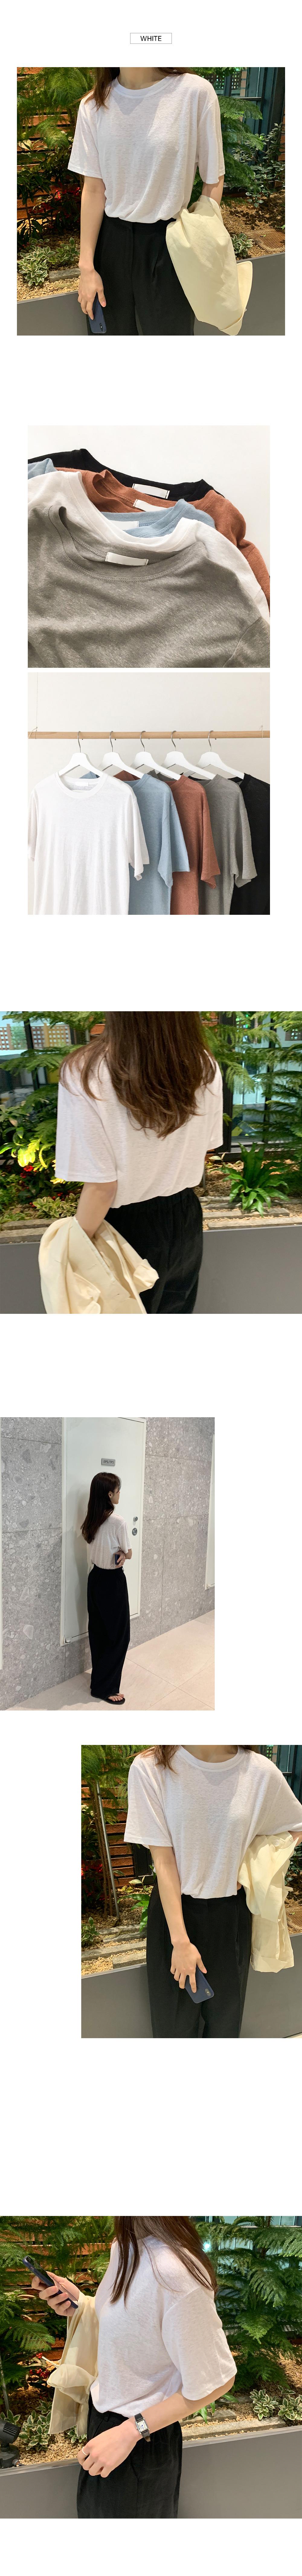 Jerry linen t-shirt